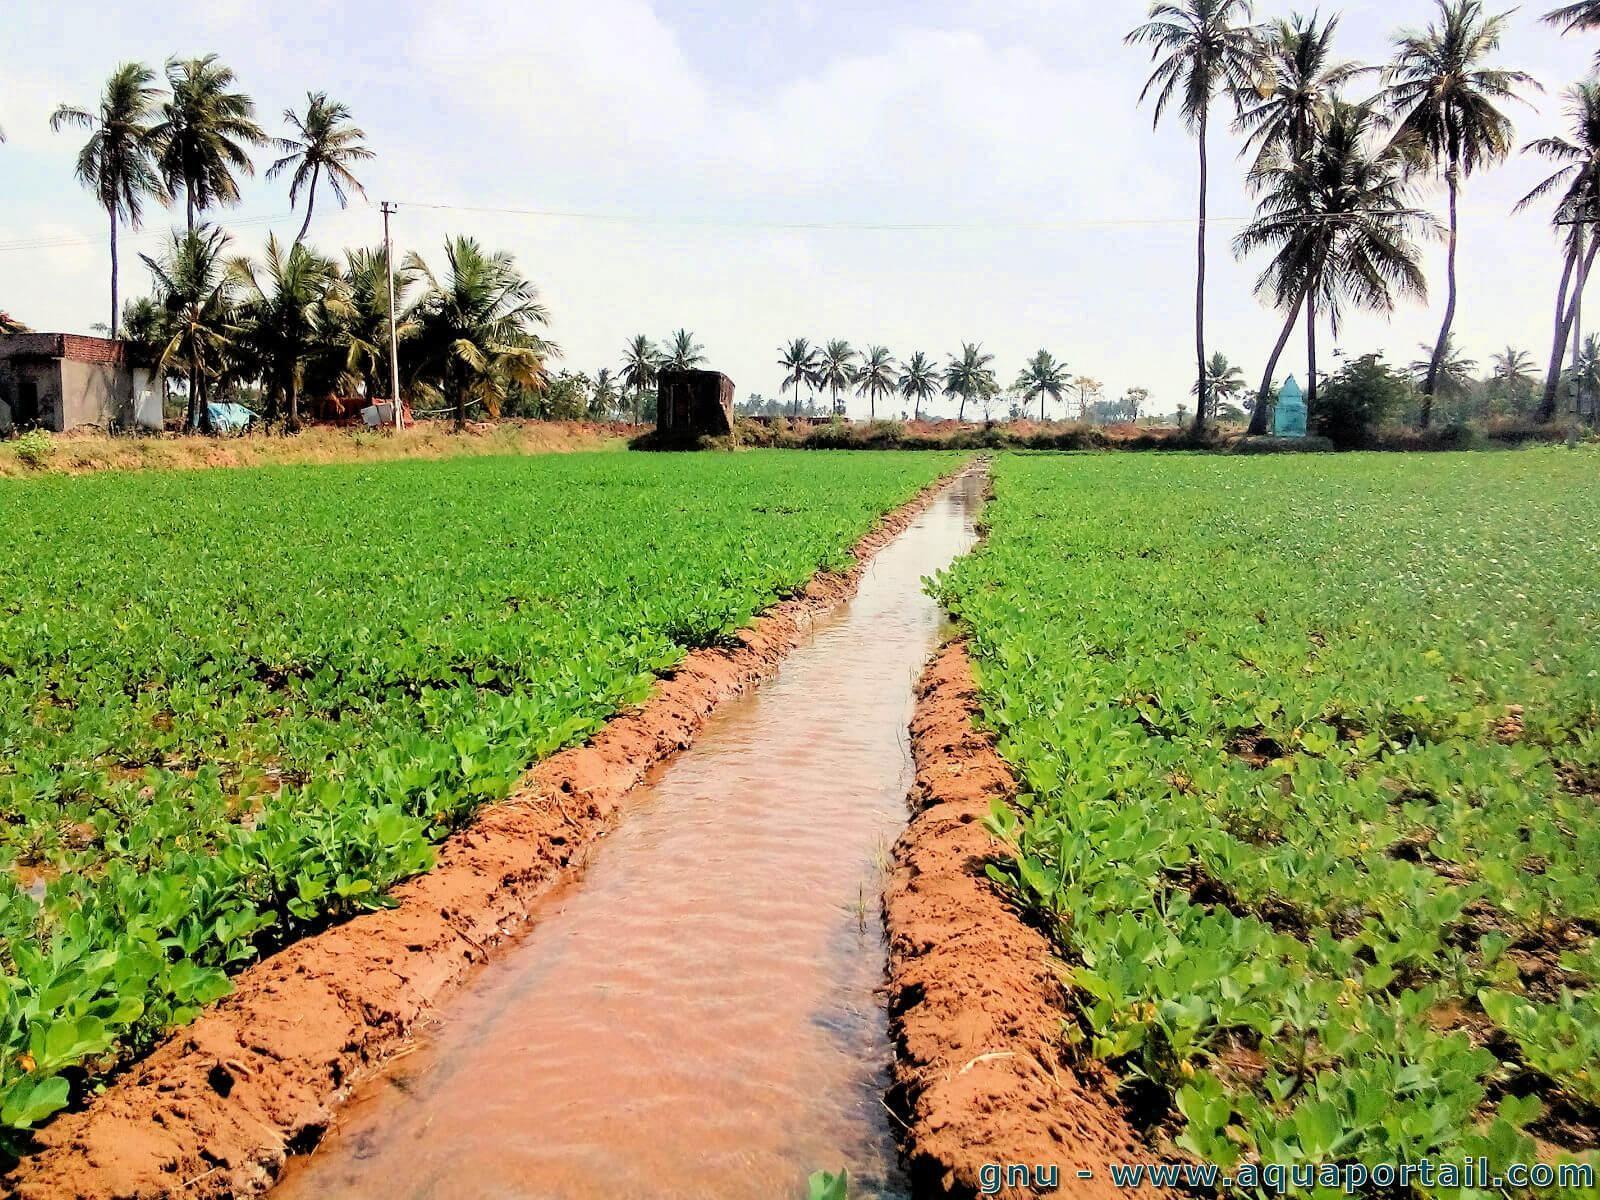 L'expansion des superficies irriguées stimulerait la productivité agricole en Afrique